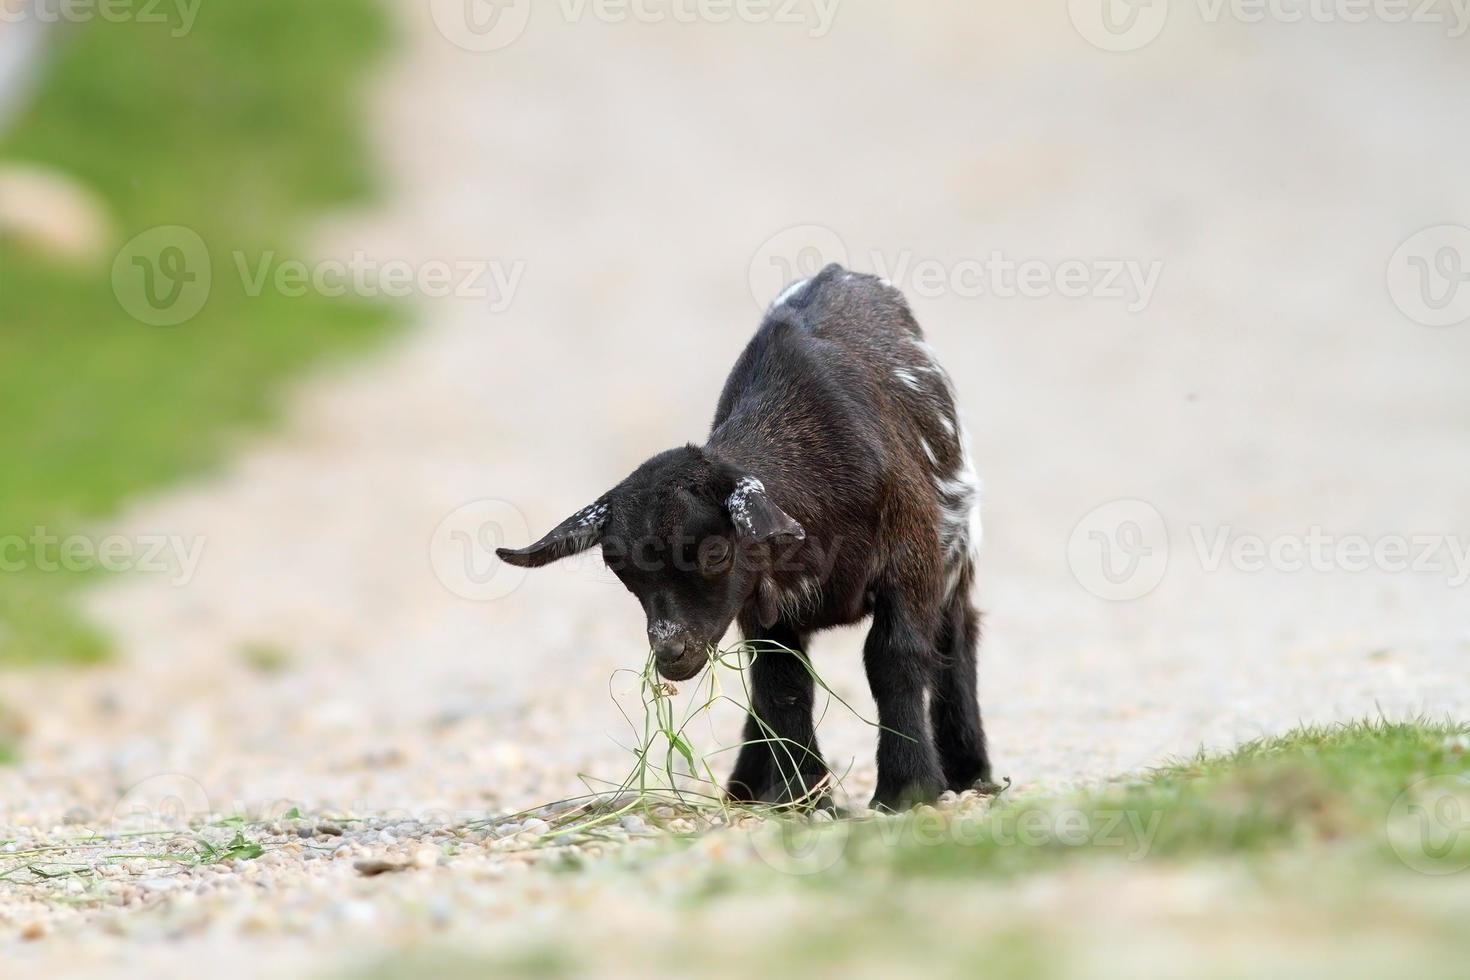 la giovane capra nera ha trovato qualcosa da mangiare foto